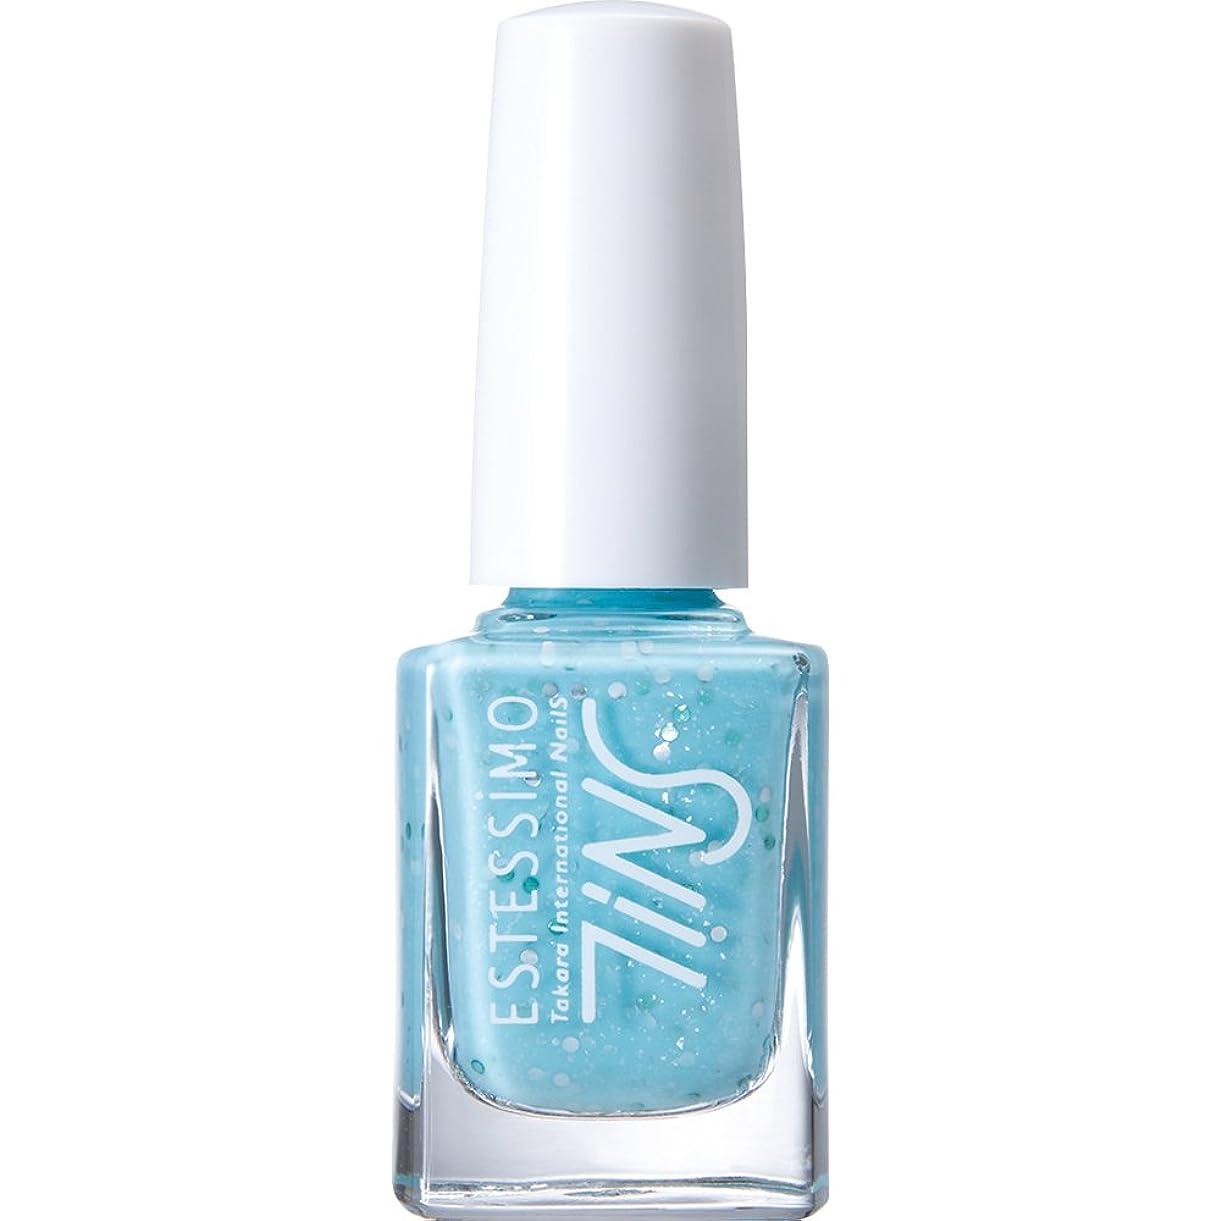 シーフード八百屋七時半TiNS カラーポリッシュ 804 フィジーブルーパンチ 11ml 2015年春の限定色「Sugarsprinkles! 」シリーズ